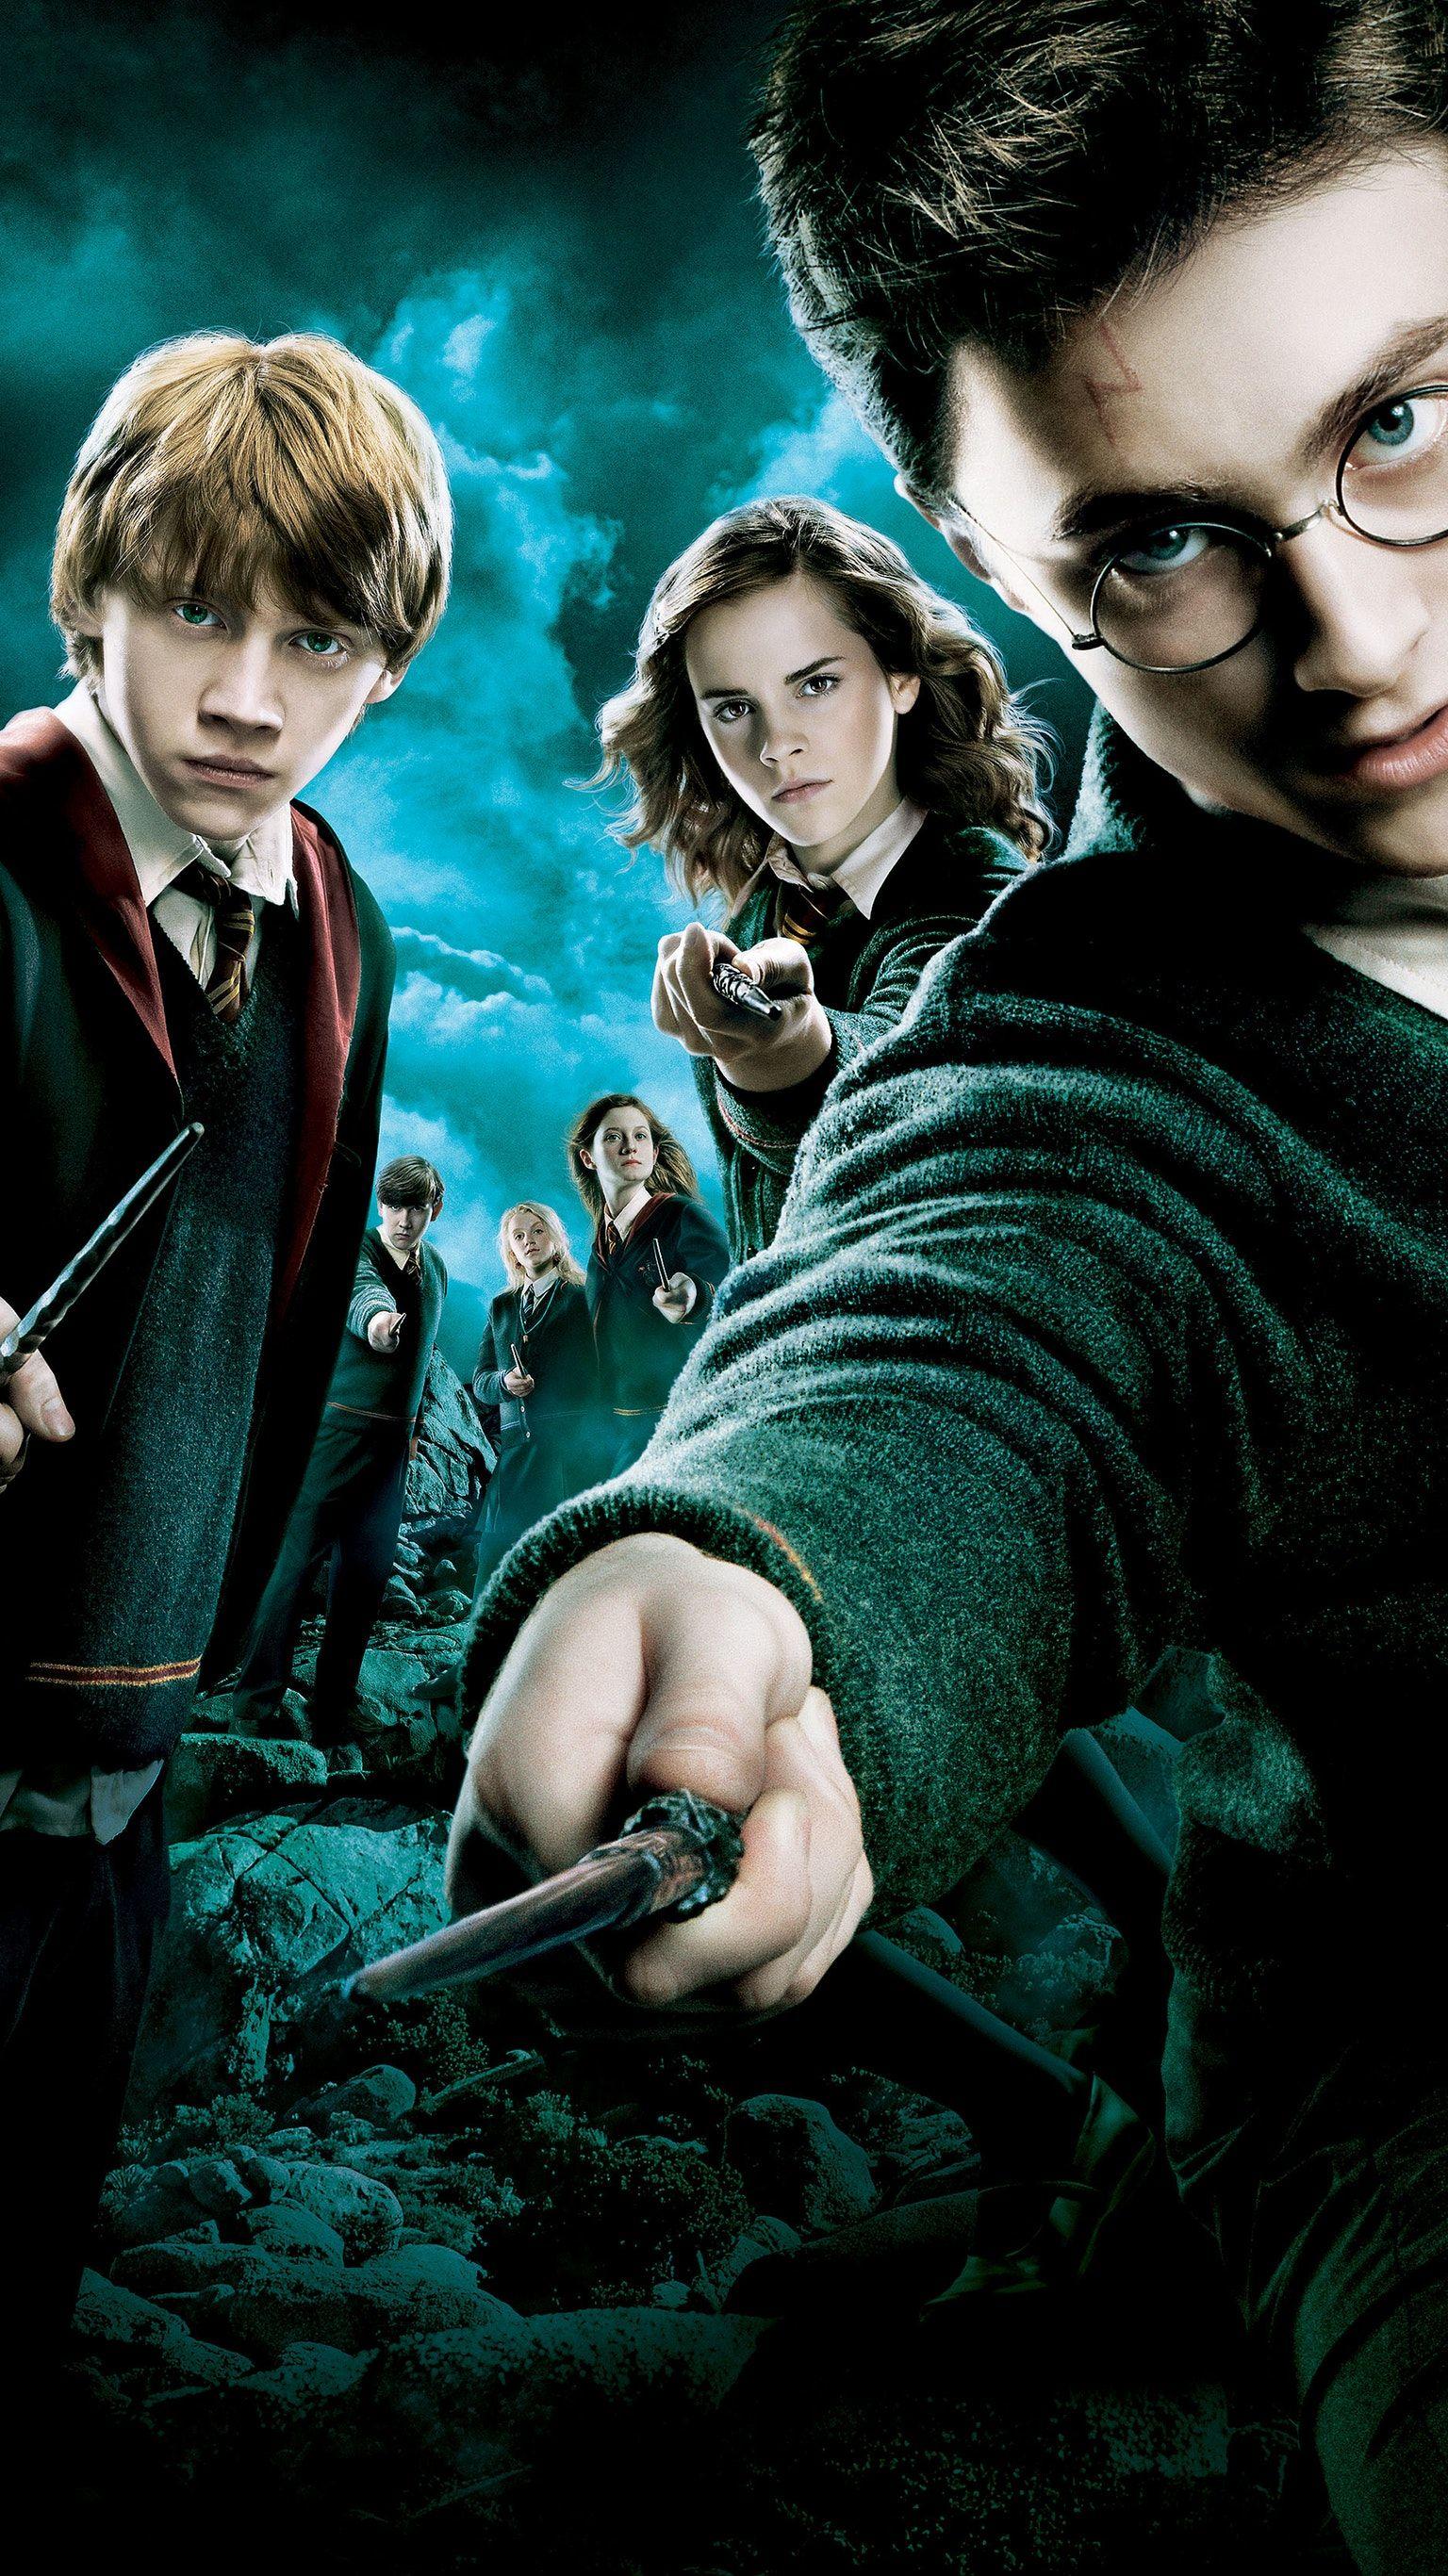 Harry Potter Liste Des Films : harry, potter, liste, films, Harry, Potter, Order, Phoenix, (2007), Phone, Wallpaper, Moviemania, Order,, Poster